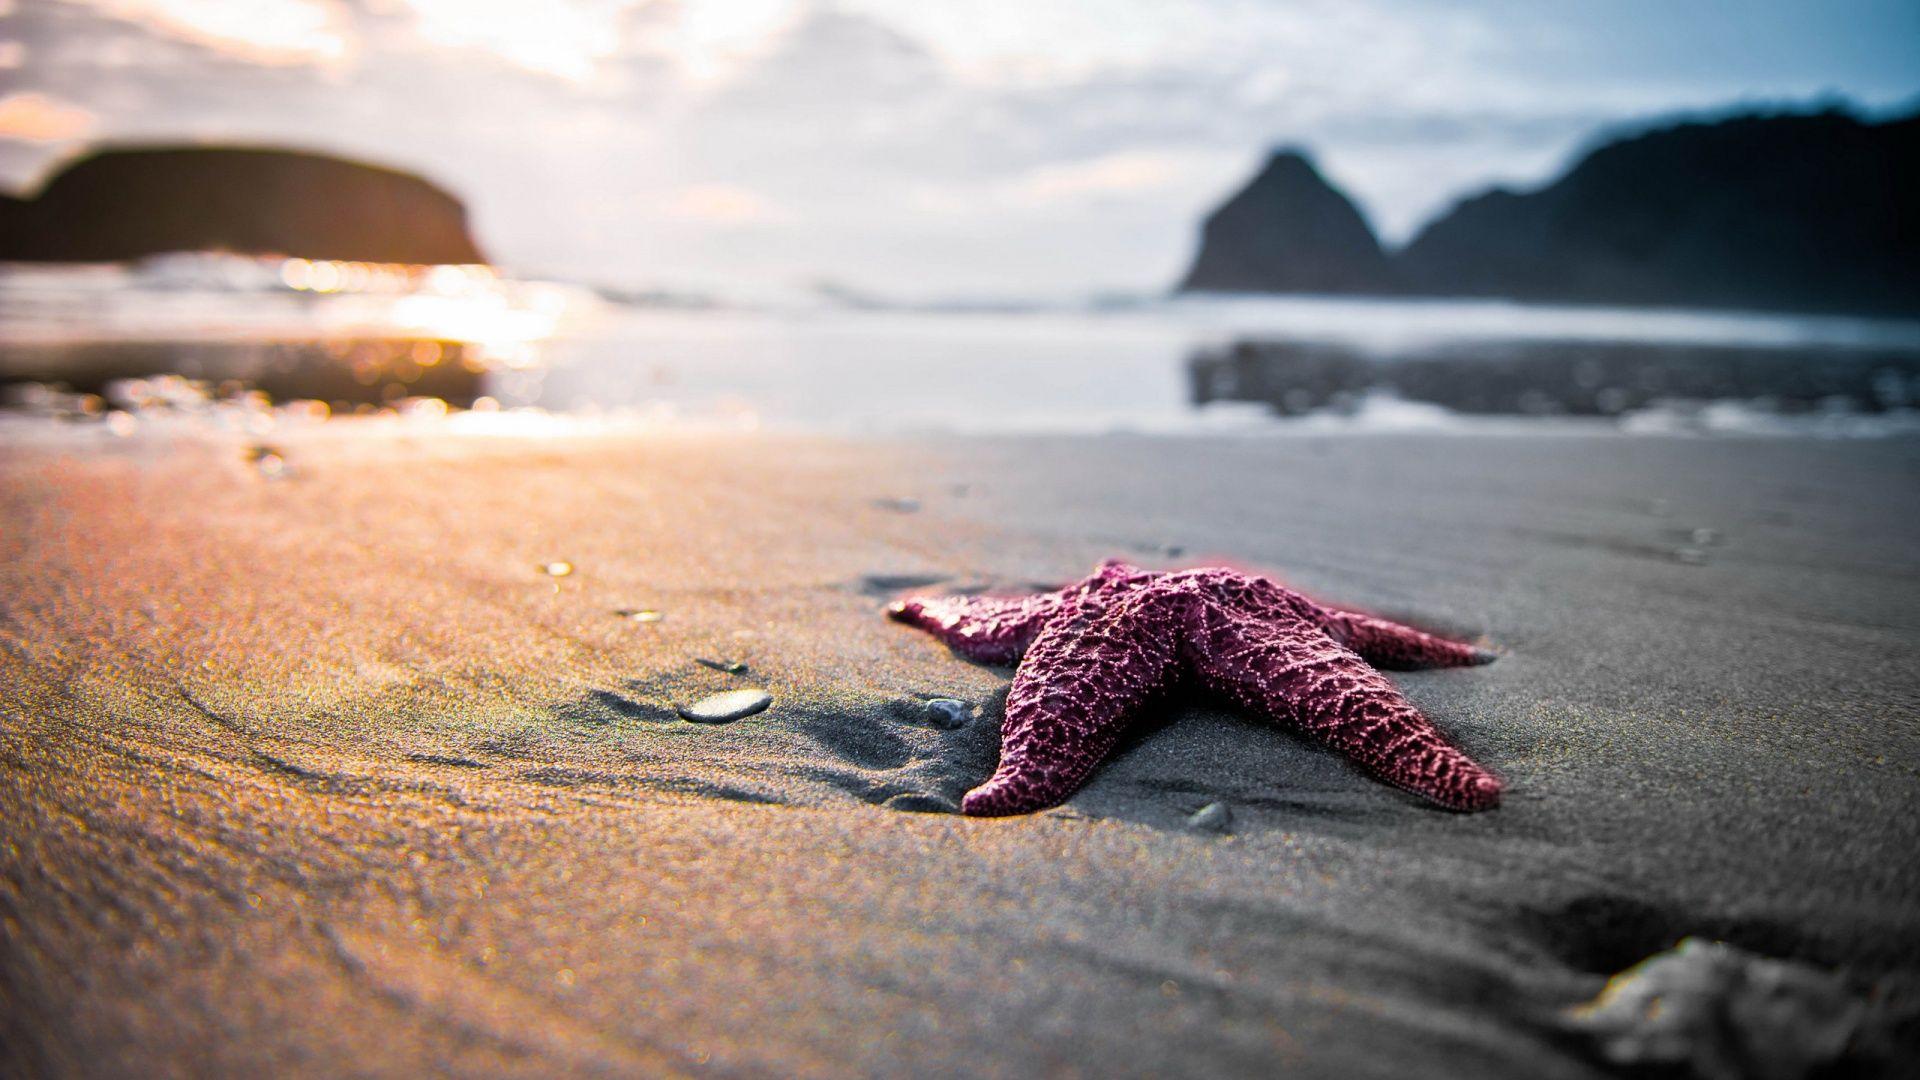 caribs bahamas-pink-starfish Bahamas-1920 × 1080